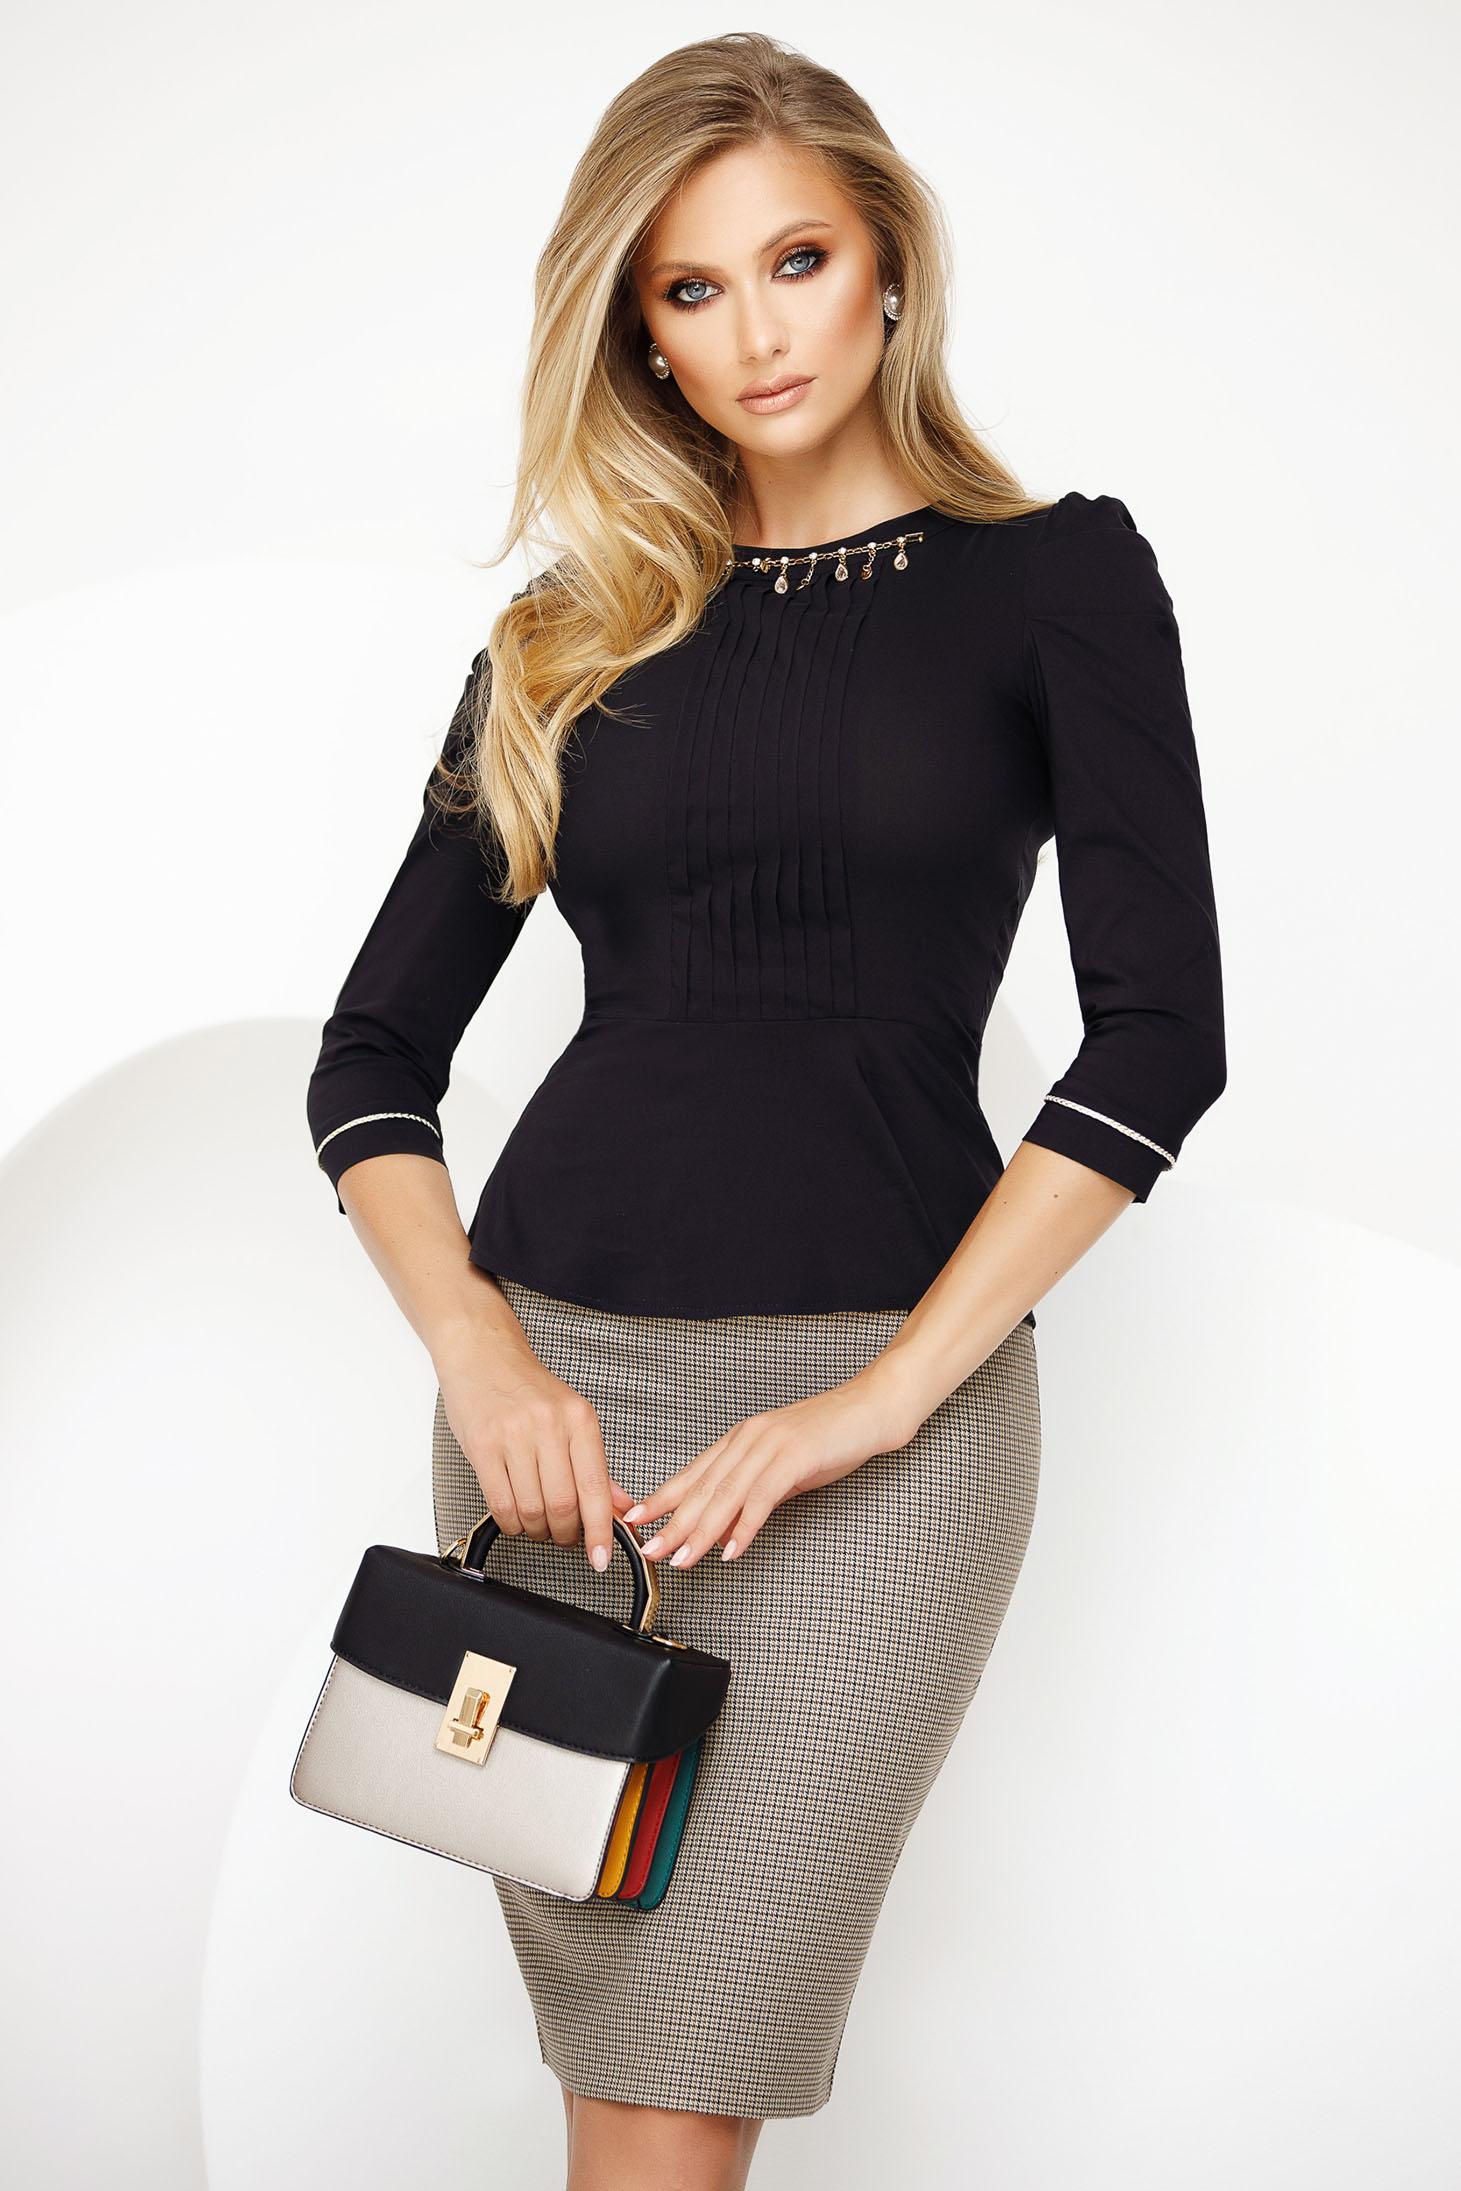 Fekete irodai női ing enyhén elasztikus pamut fémes kiegészítővel derekán fodros